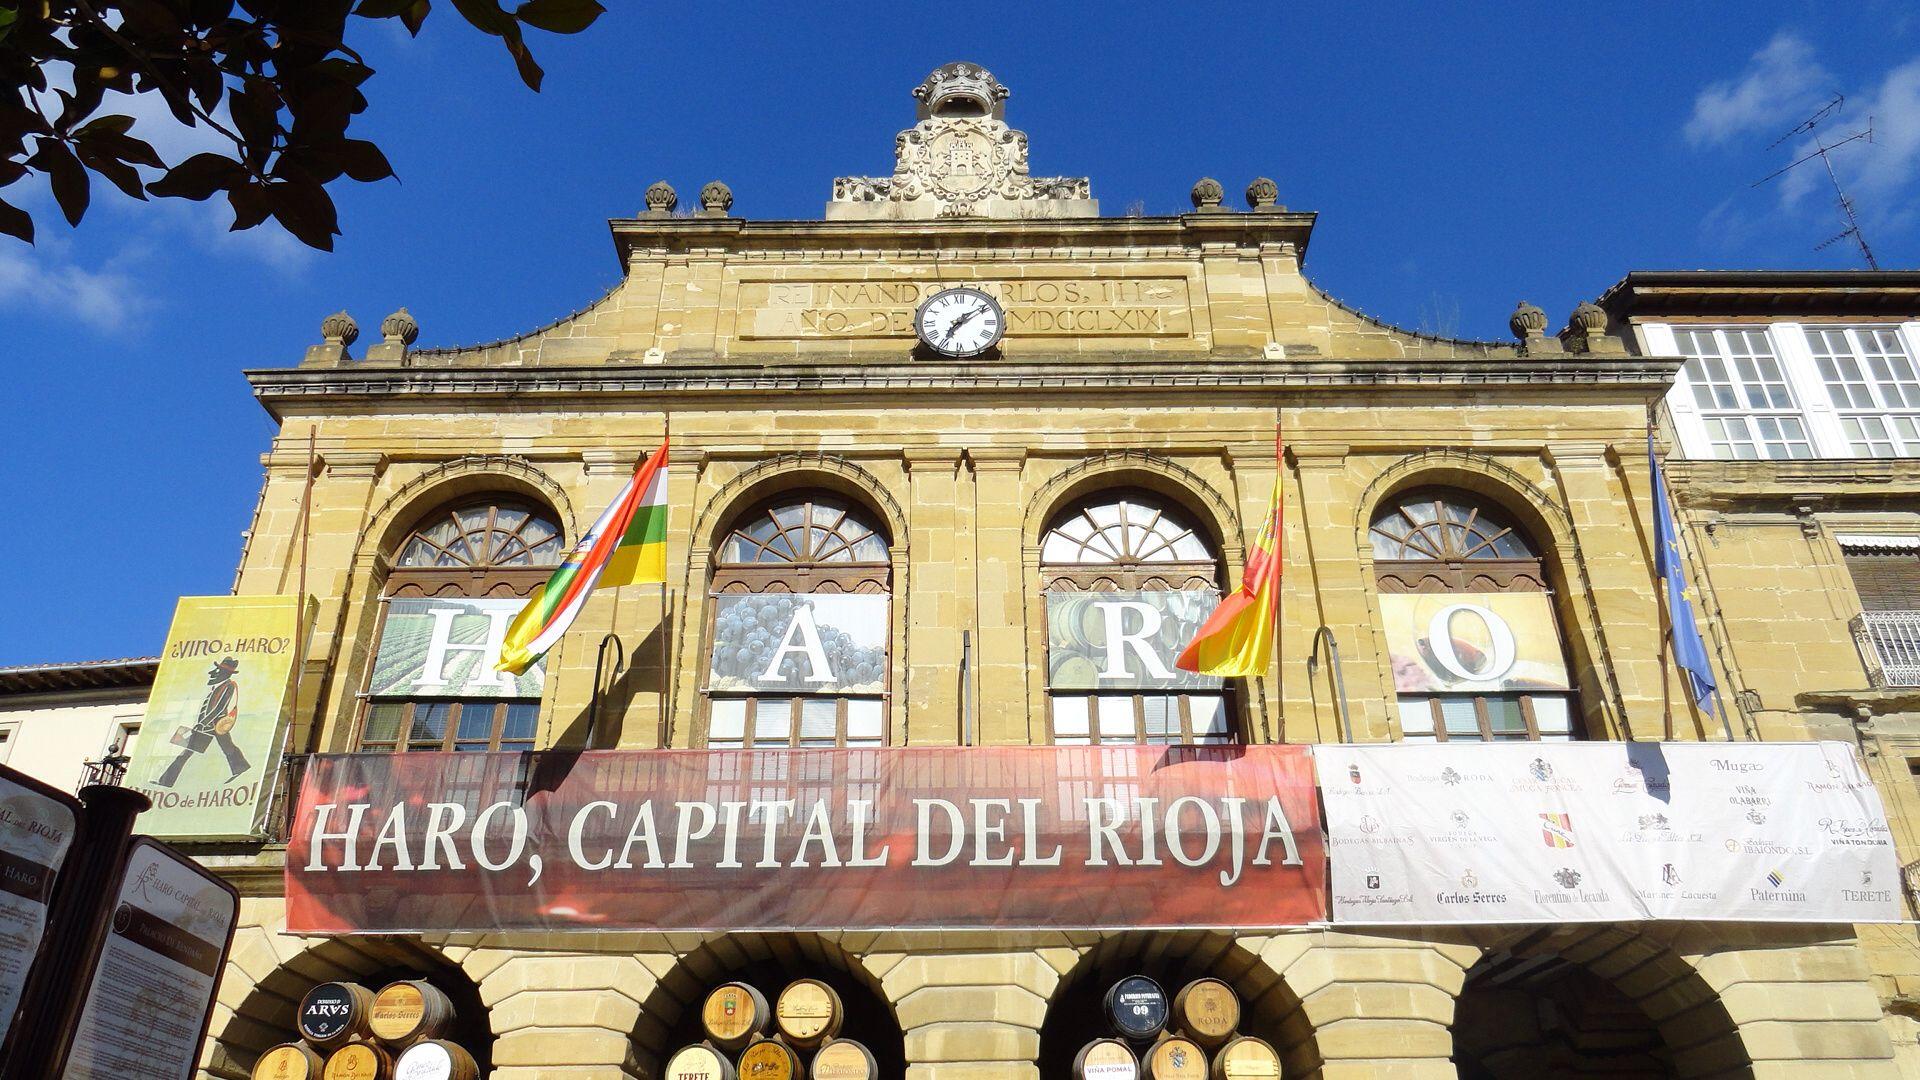 Plaza en Haro, Rioja España